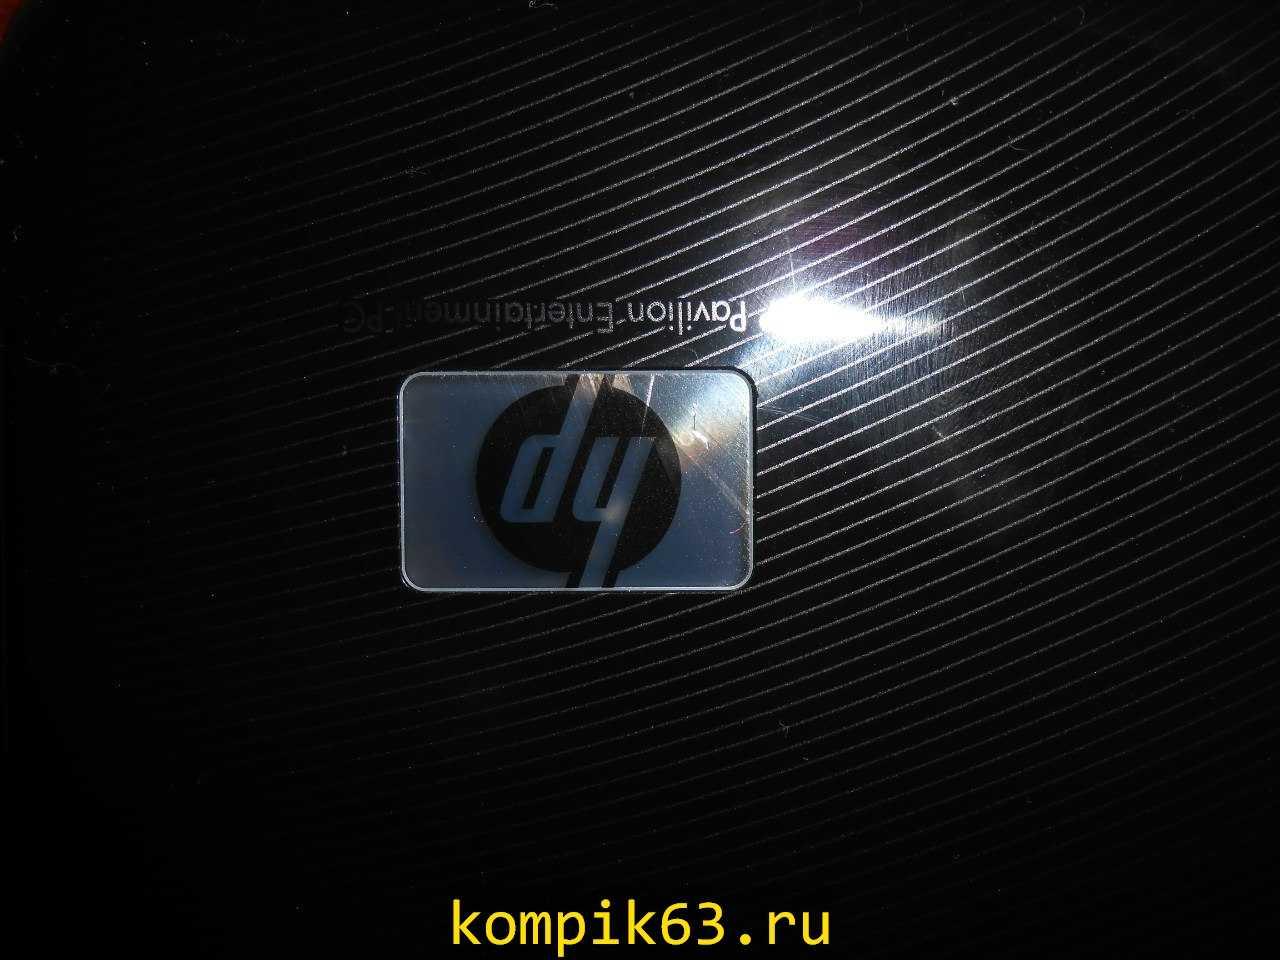 kompik63.ru-002